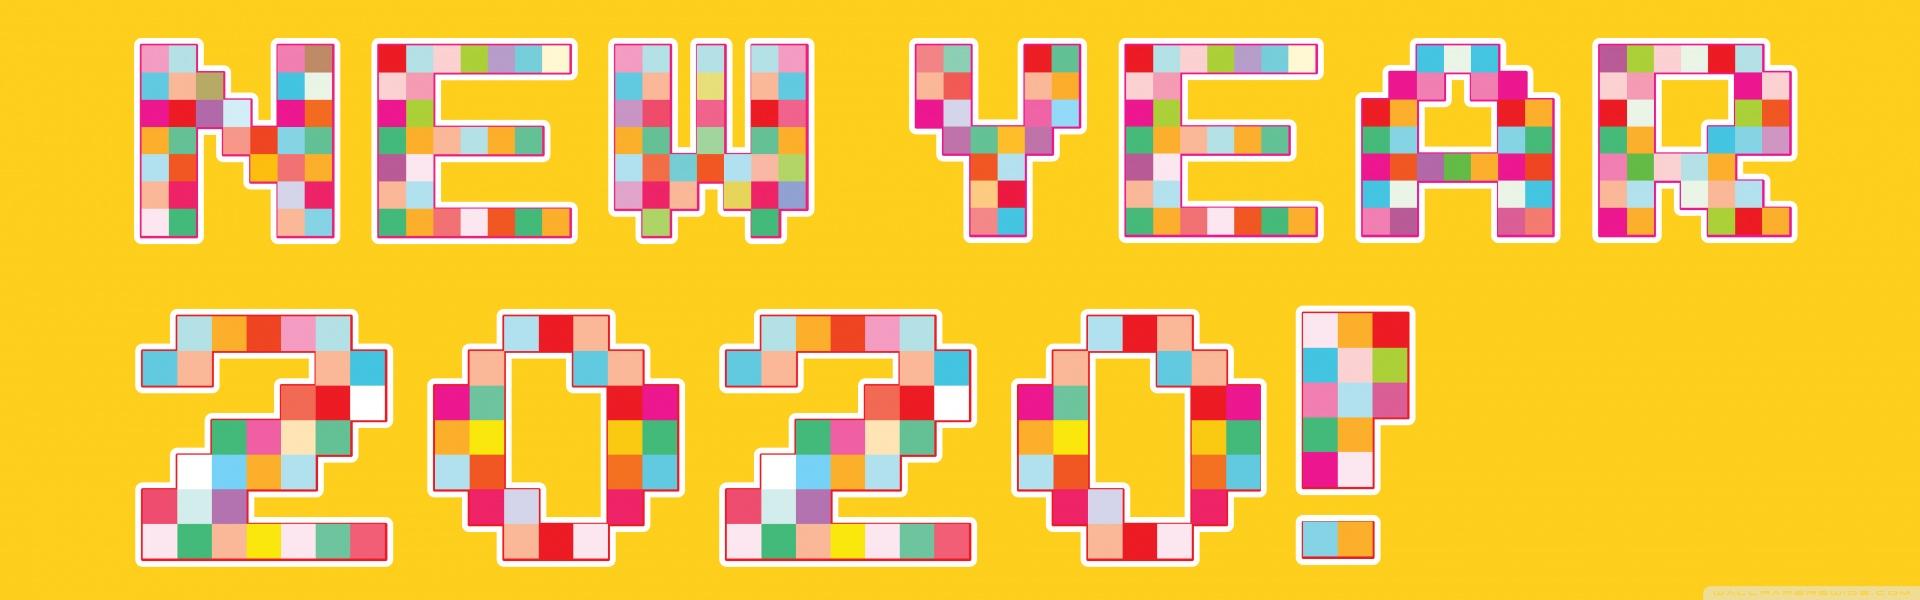 Happy New Year 2020 Pixel Art 4K HD Desktop Wallpaper for 4K 1920x600